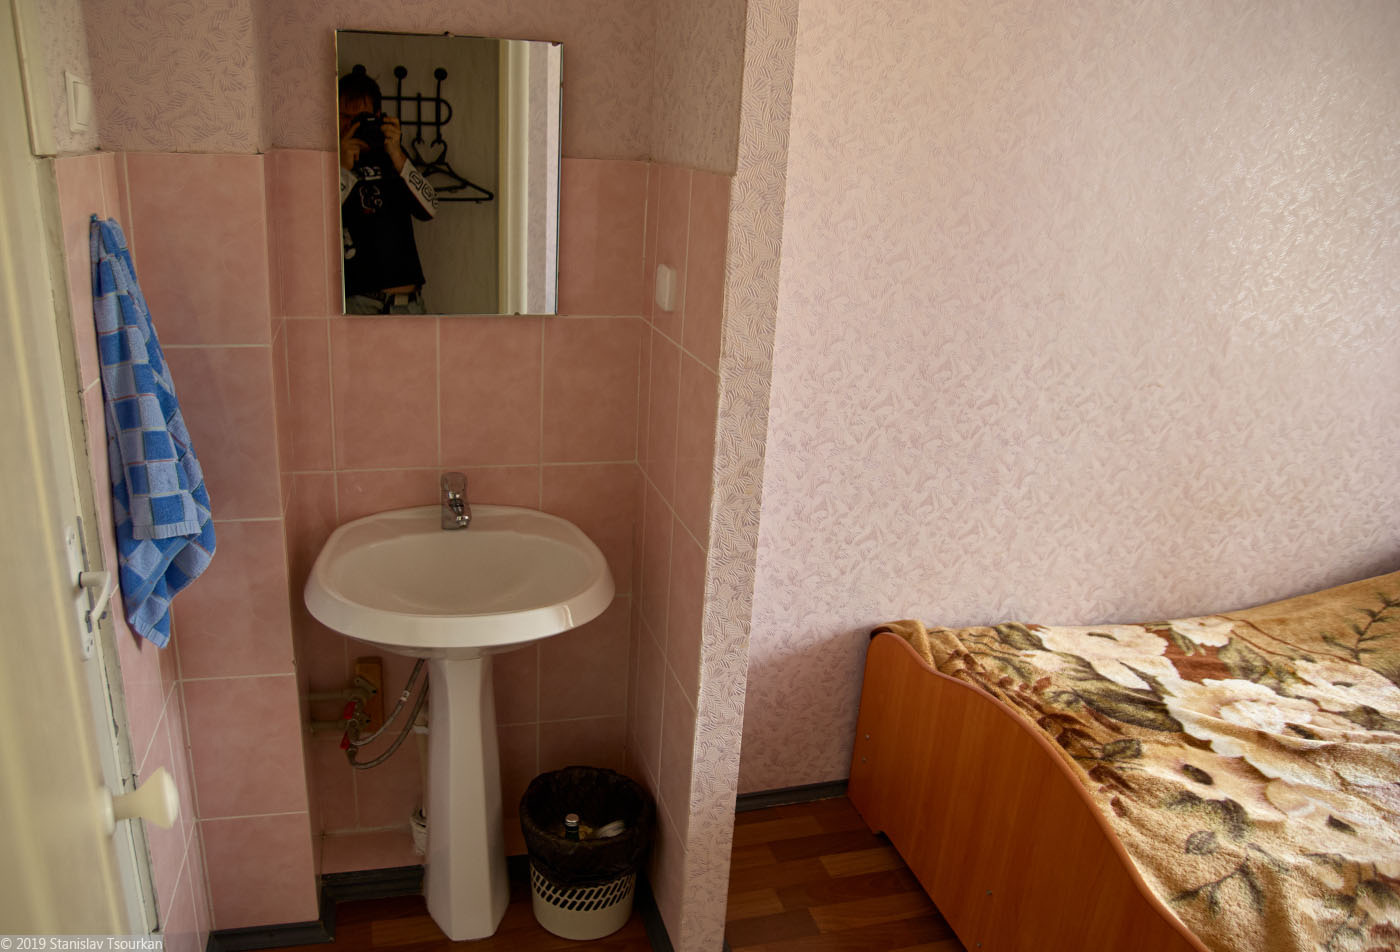 Вологодская область, Вологодчина, Великий устюг, Русский север, гостиница Сухона